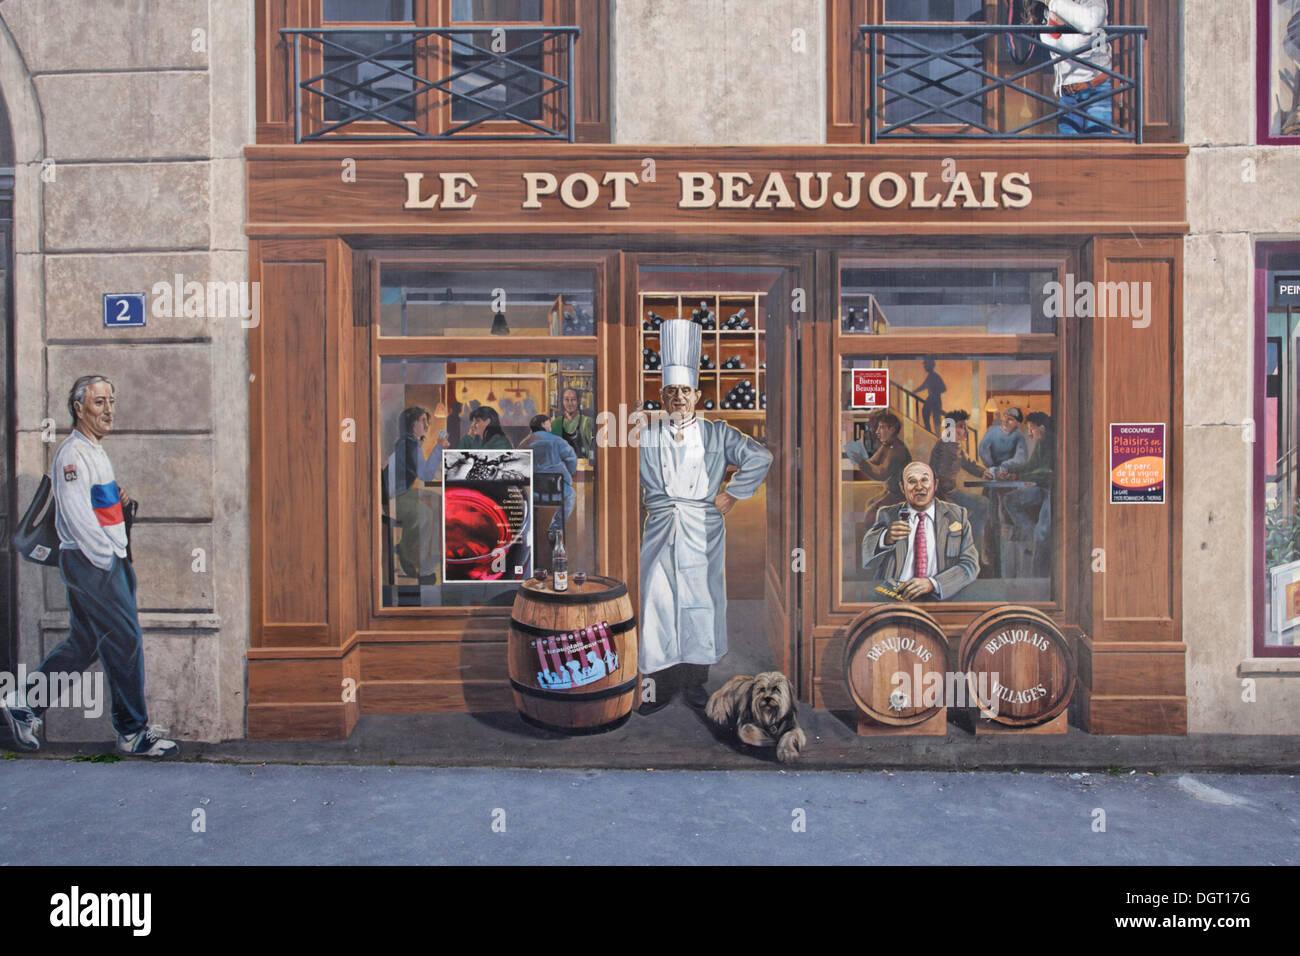 Trompe Lu0027oeil Painting On House Facade On The Quai Saint Vincent, Lyon,  Département Rhône, France, Europe